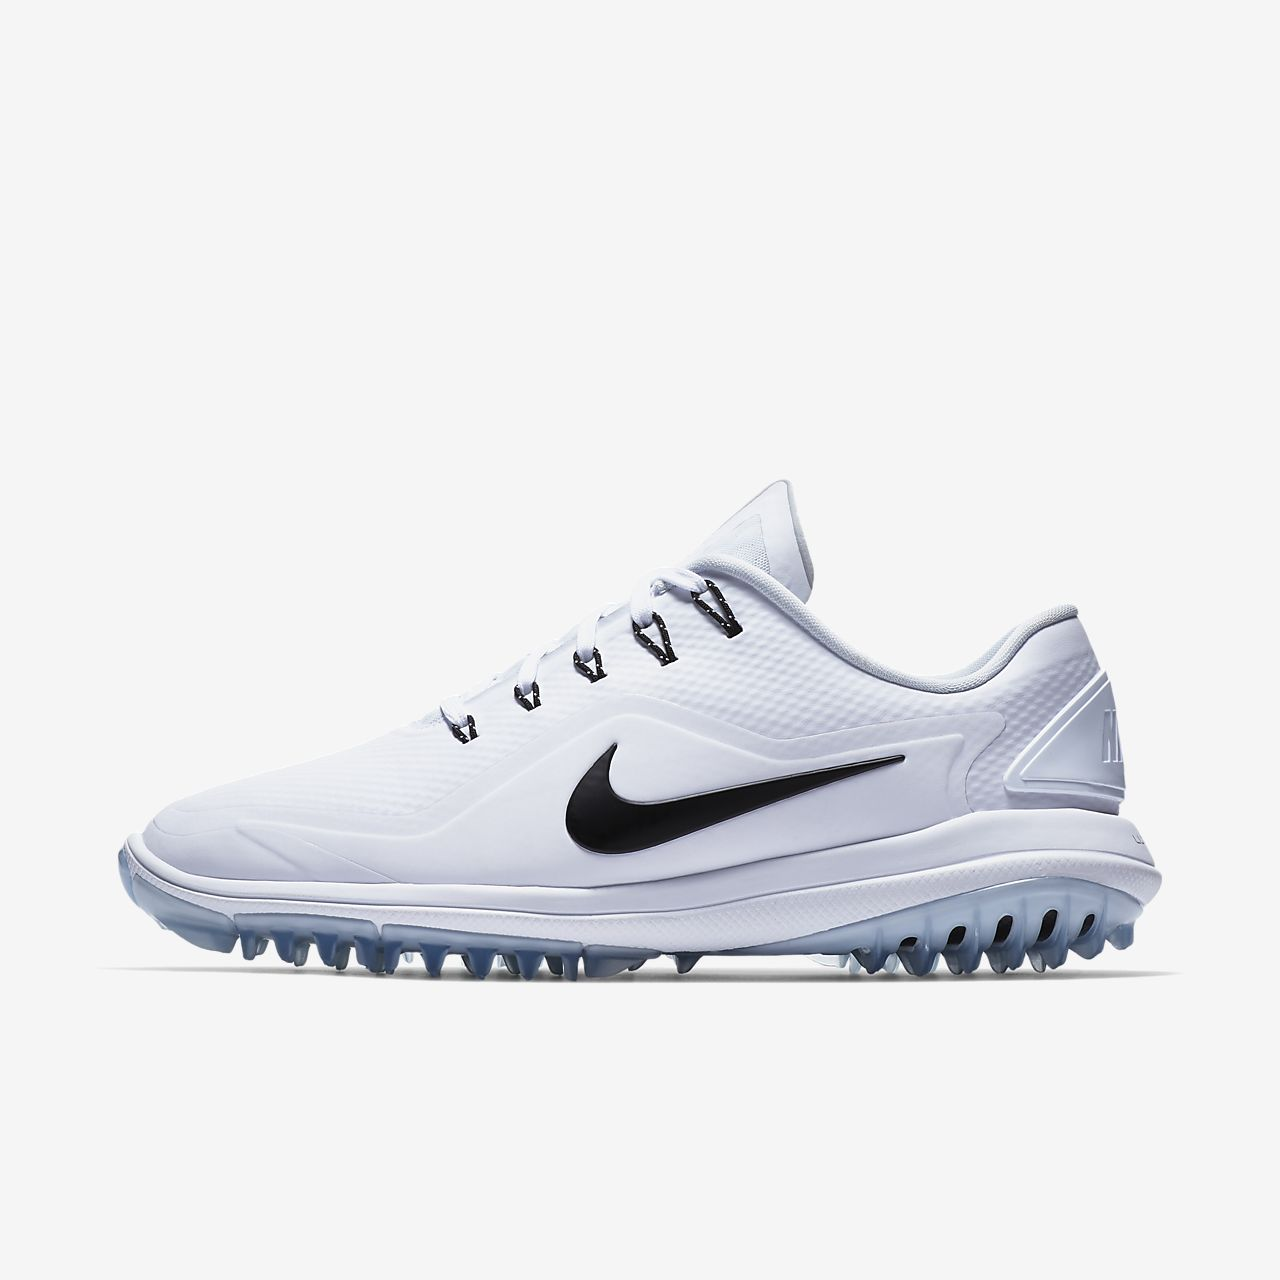 Nike Women S Lunar Control Golf Shoes